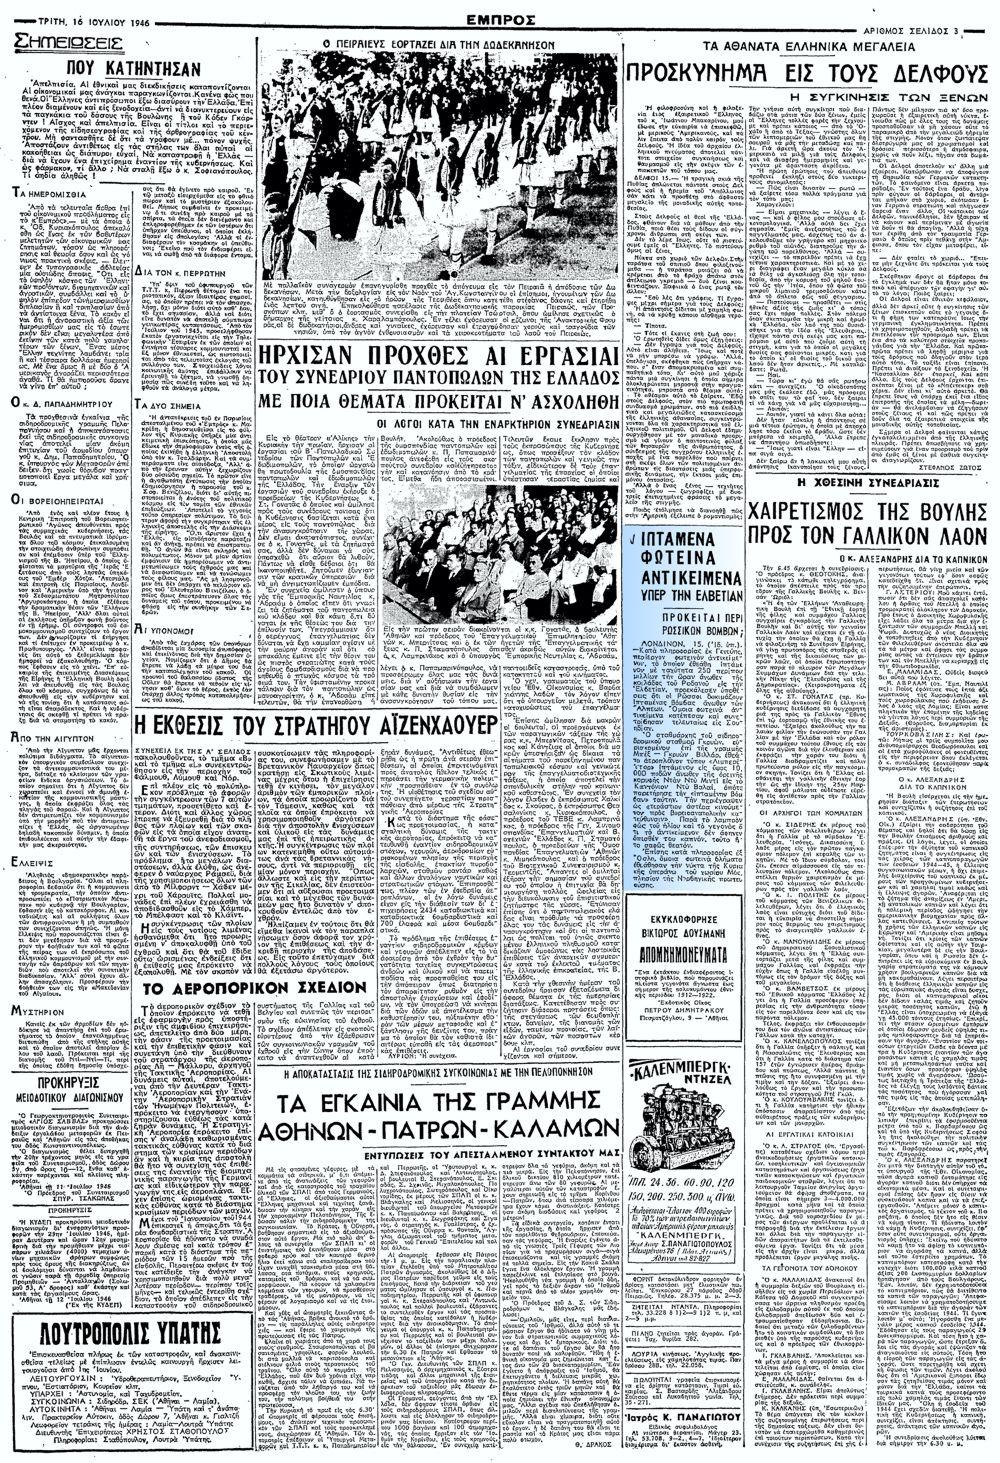 """Το άρθρο, όπως δημοσιεύθηκε στην εφημερίδα """"ΕΜΠΡΟΣ"""", στις 16/07/1946"""